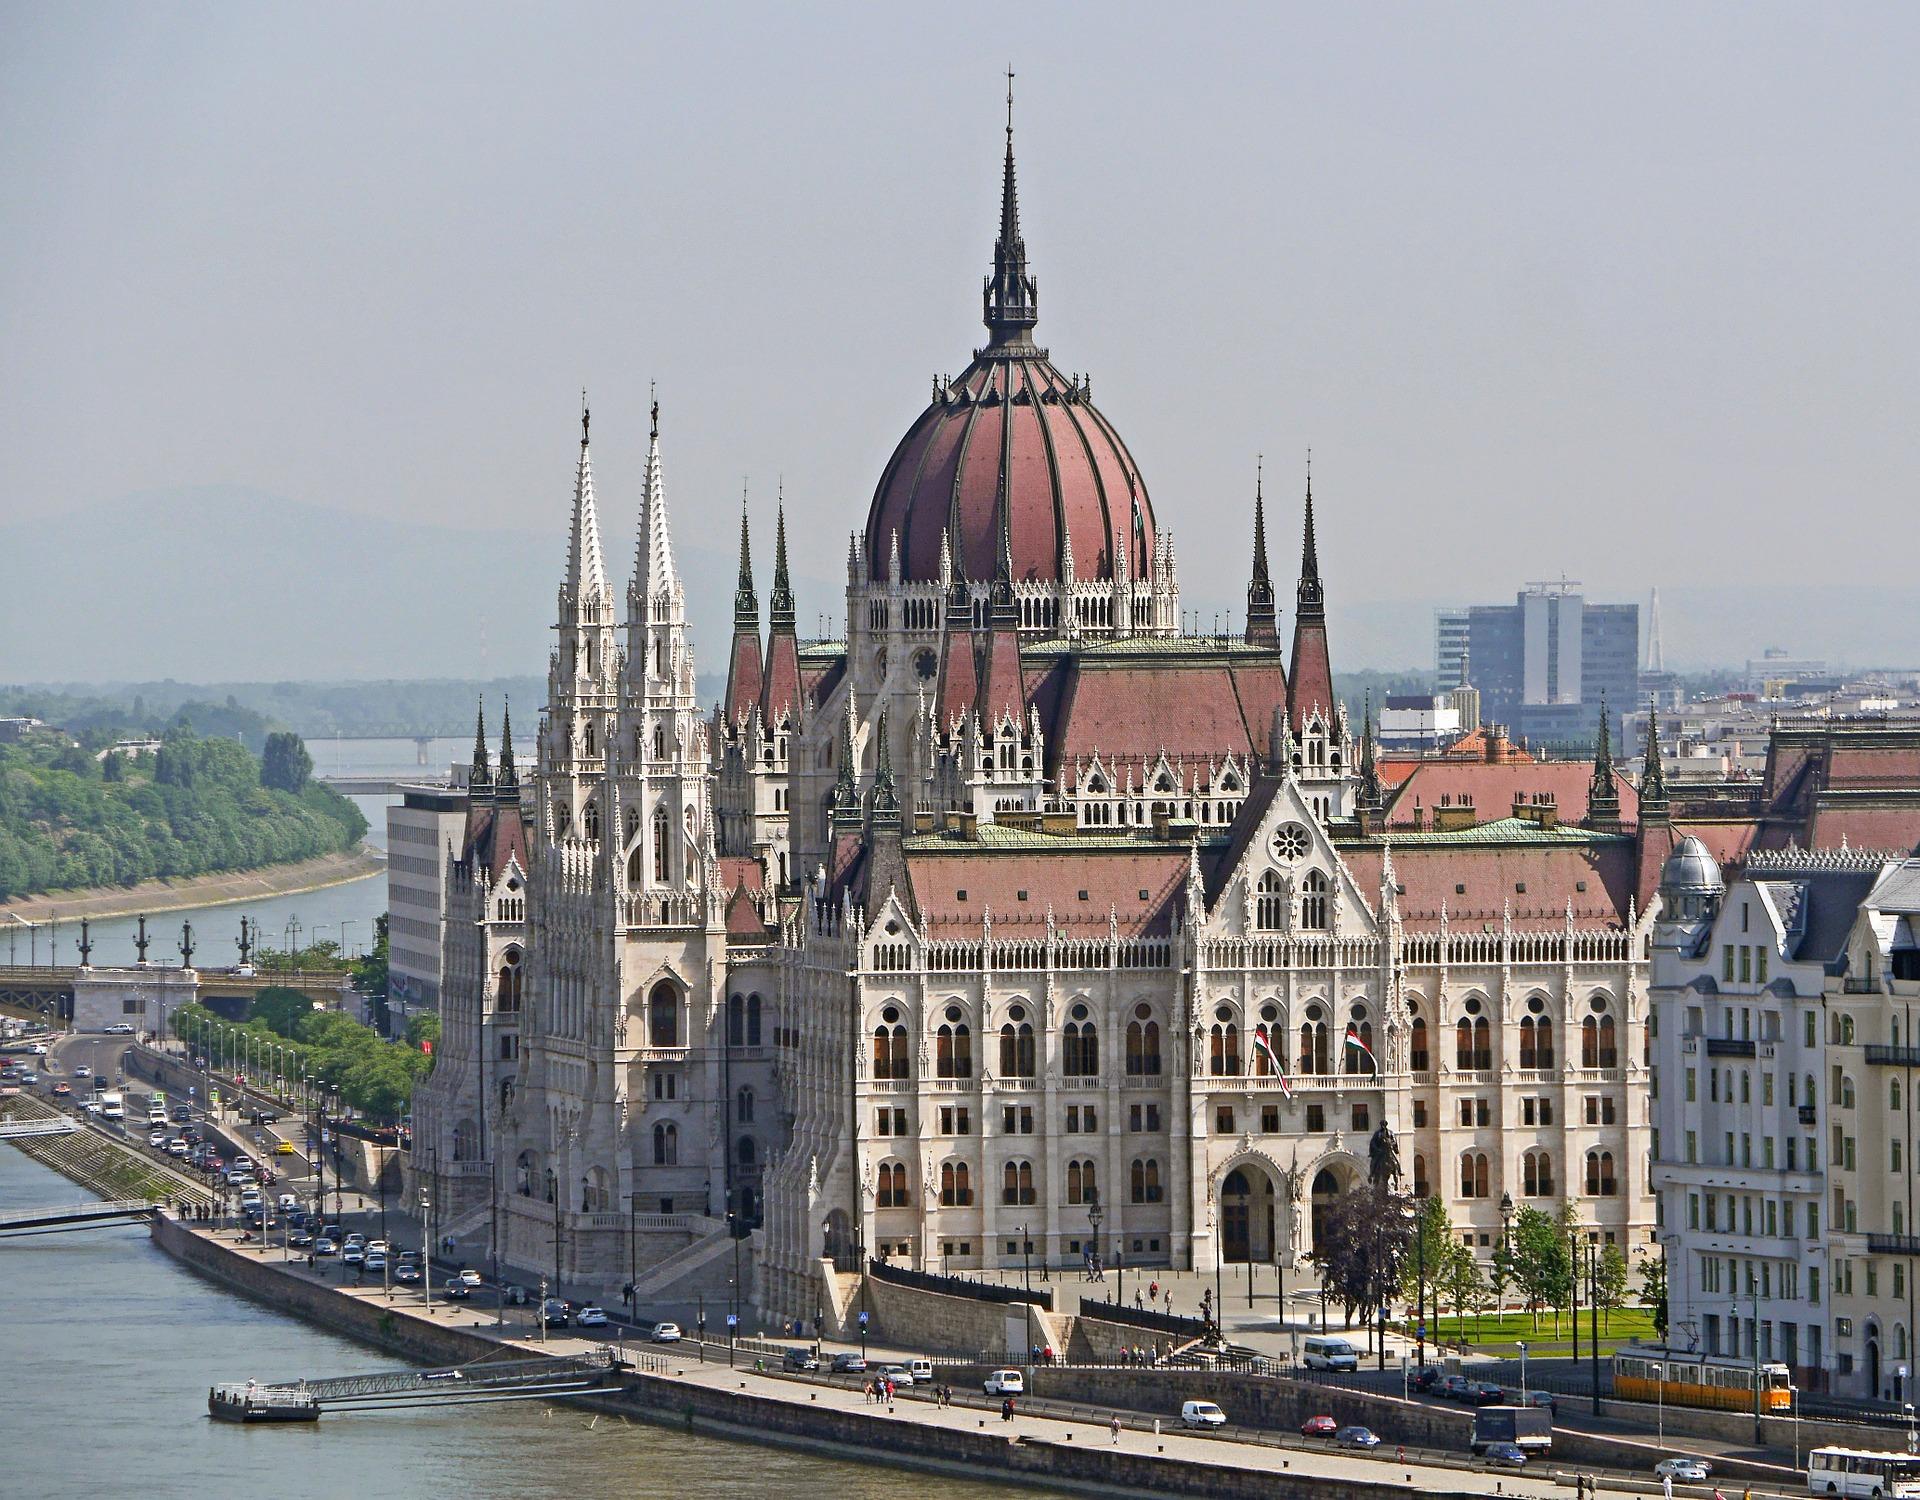 Ungarn weist größtes Wirtschaftswachstum in der EU auf